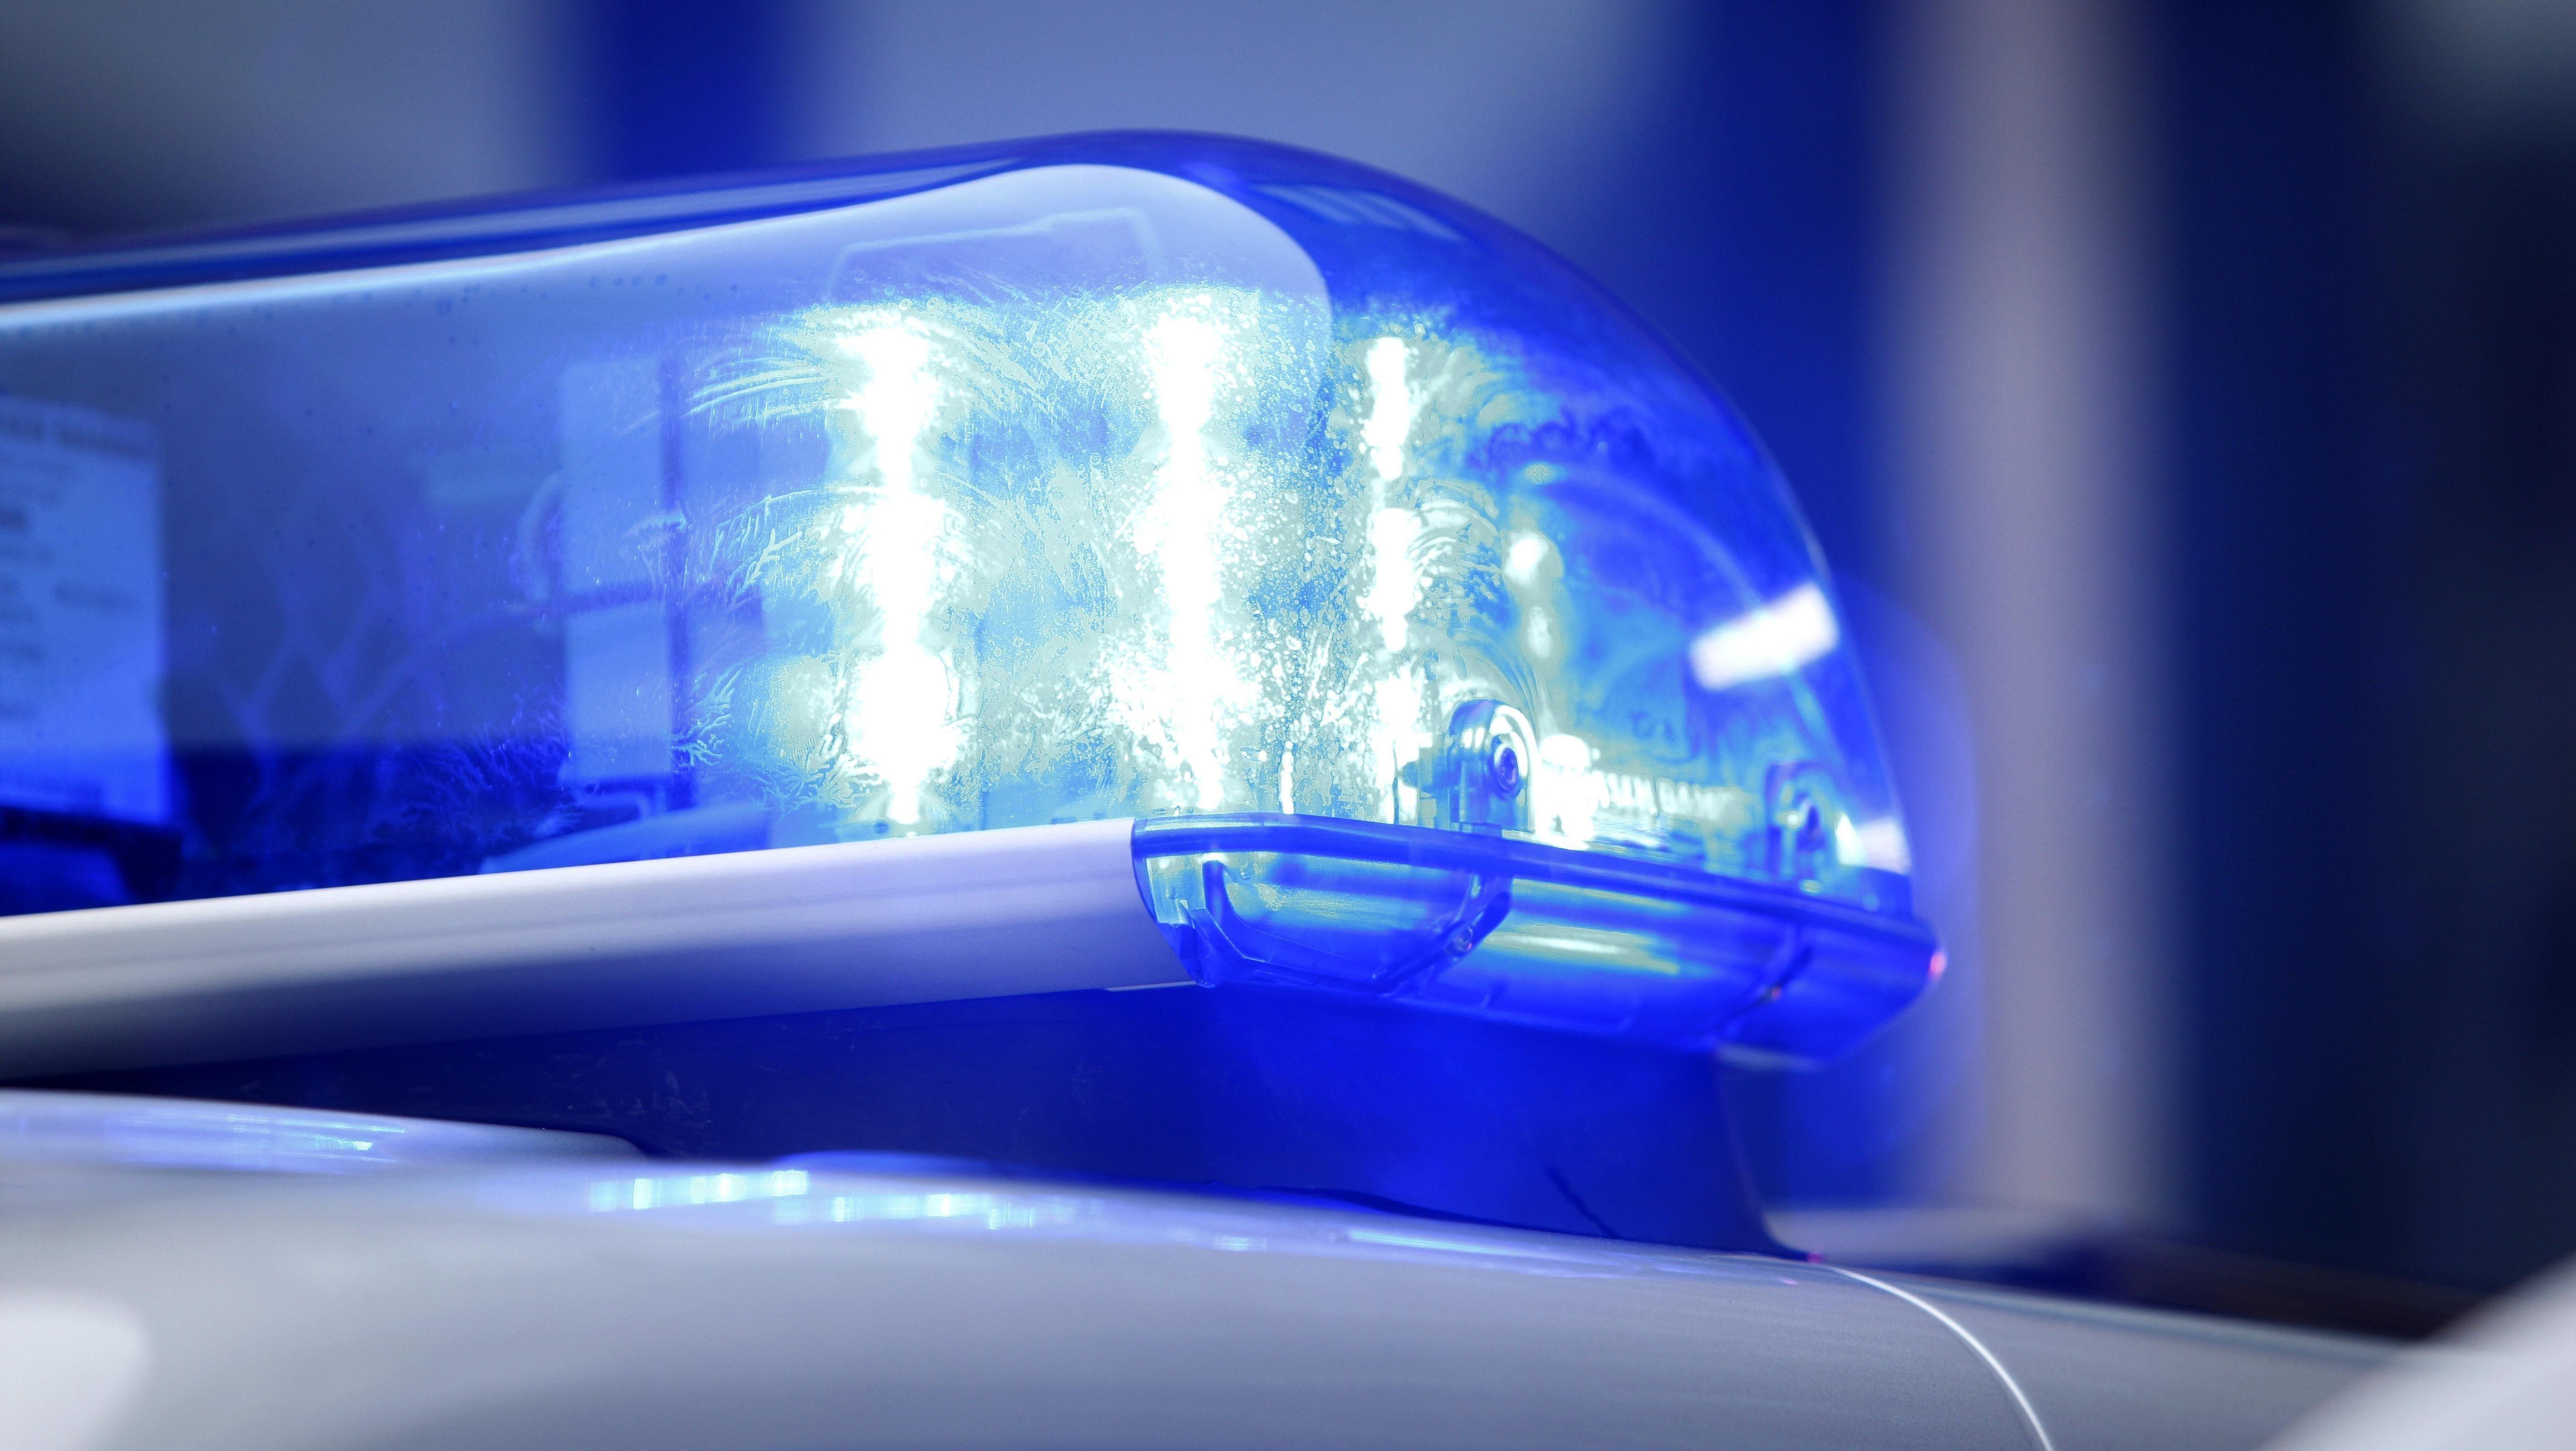 Blaulicht auf einem Polizeifahrzeug (Symbolbild)